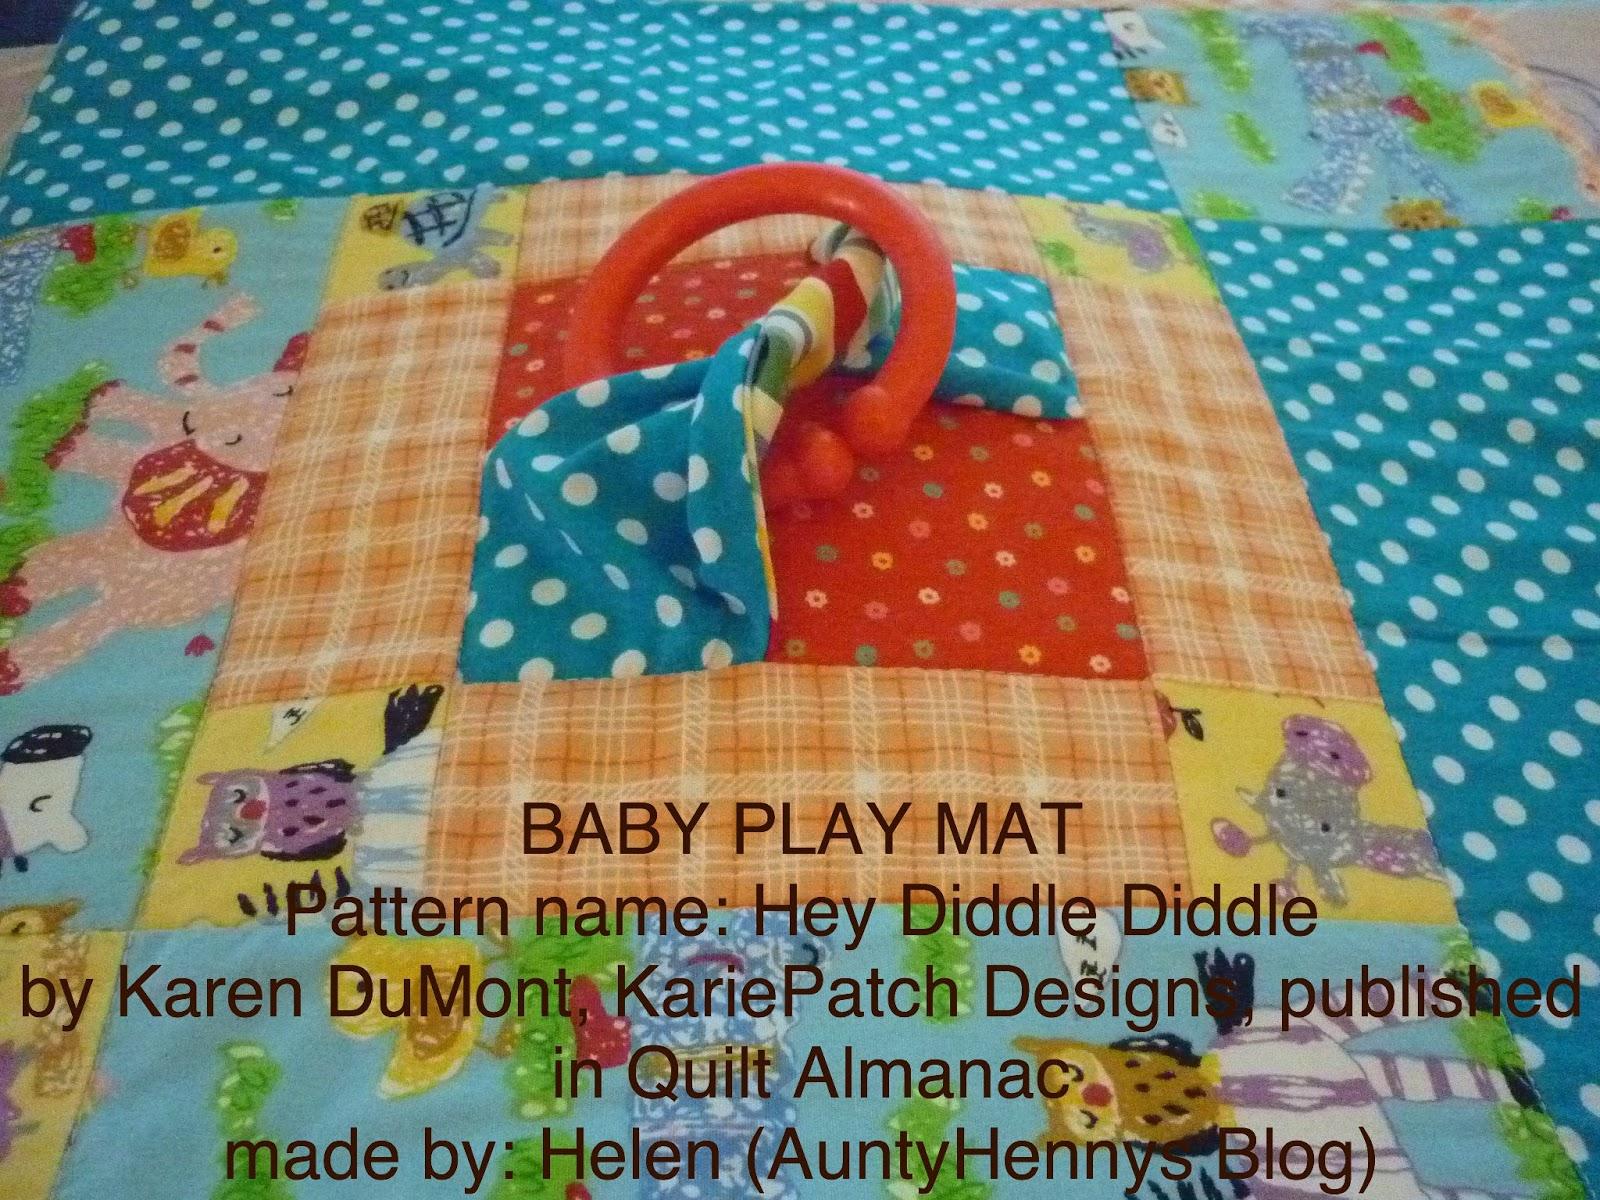 Aunty Hennys Baby Play Mats